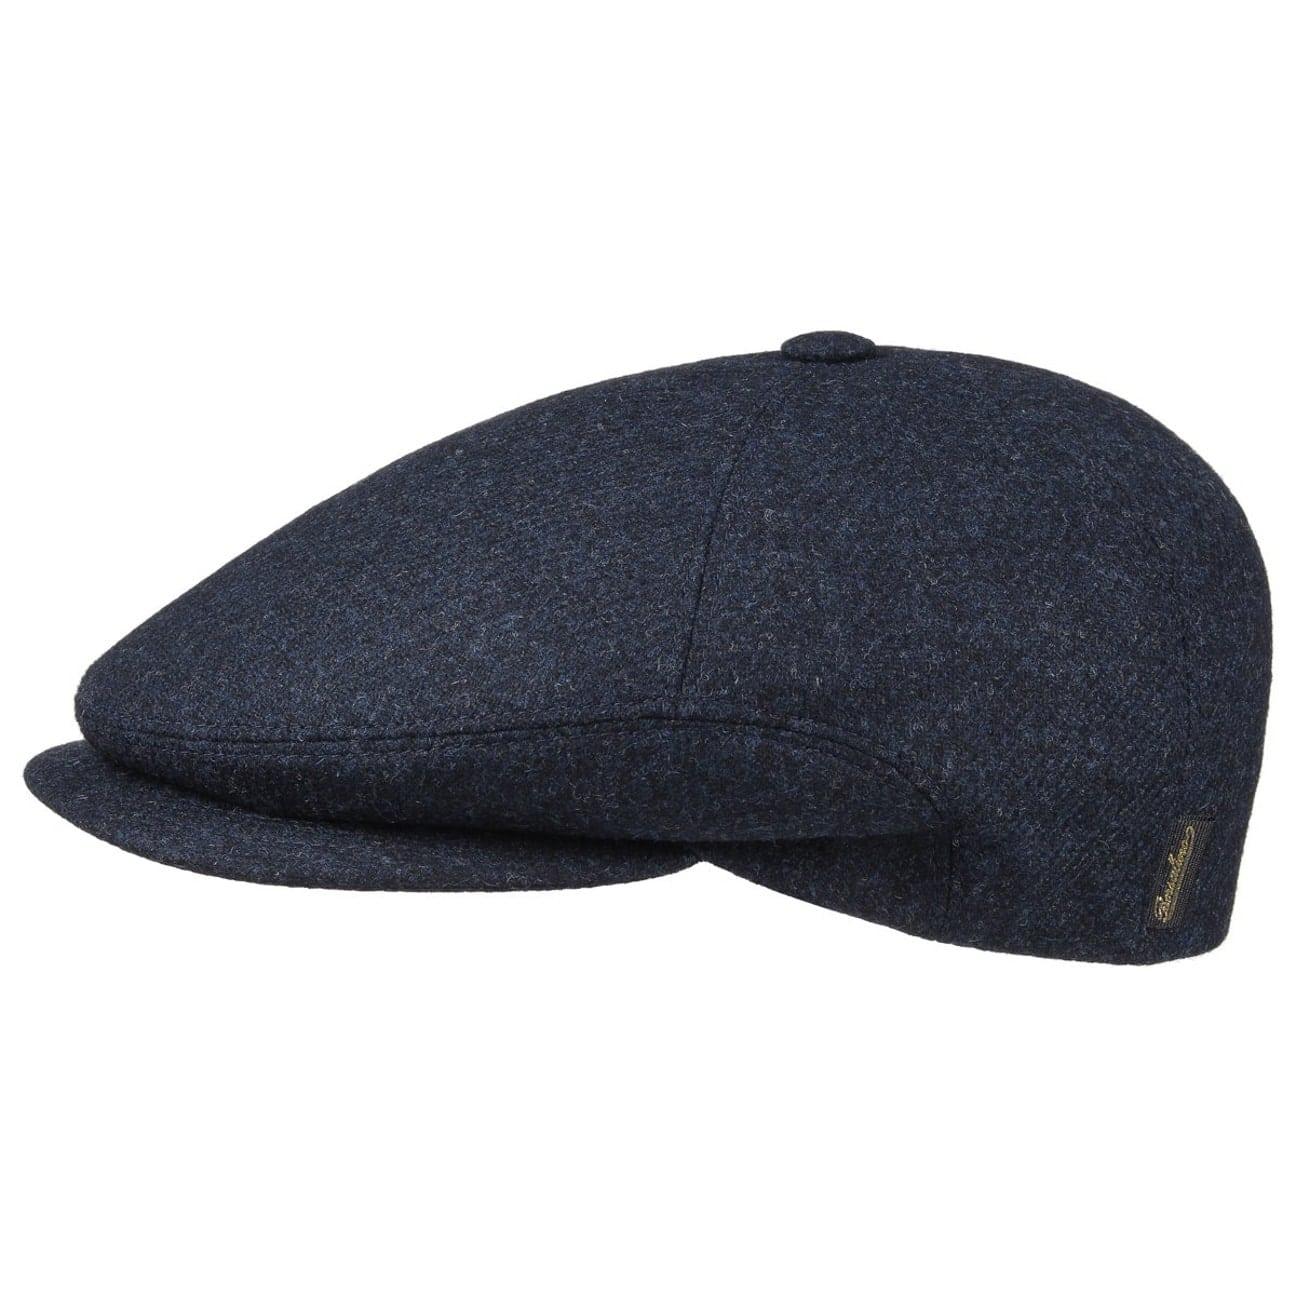 Gorra de Lana Vincent Wool by Borsalino - Gorros - sombreroshop.es a8c23e4b74a